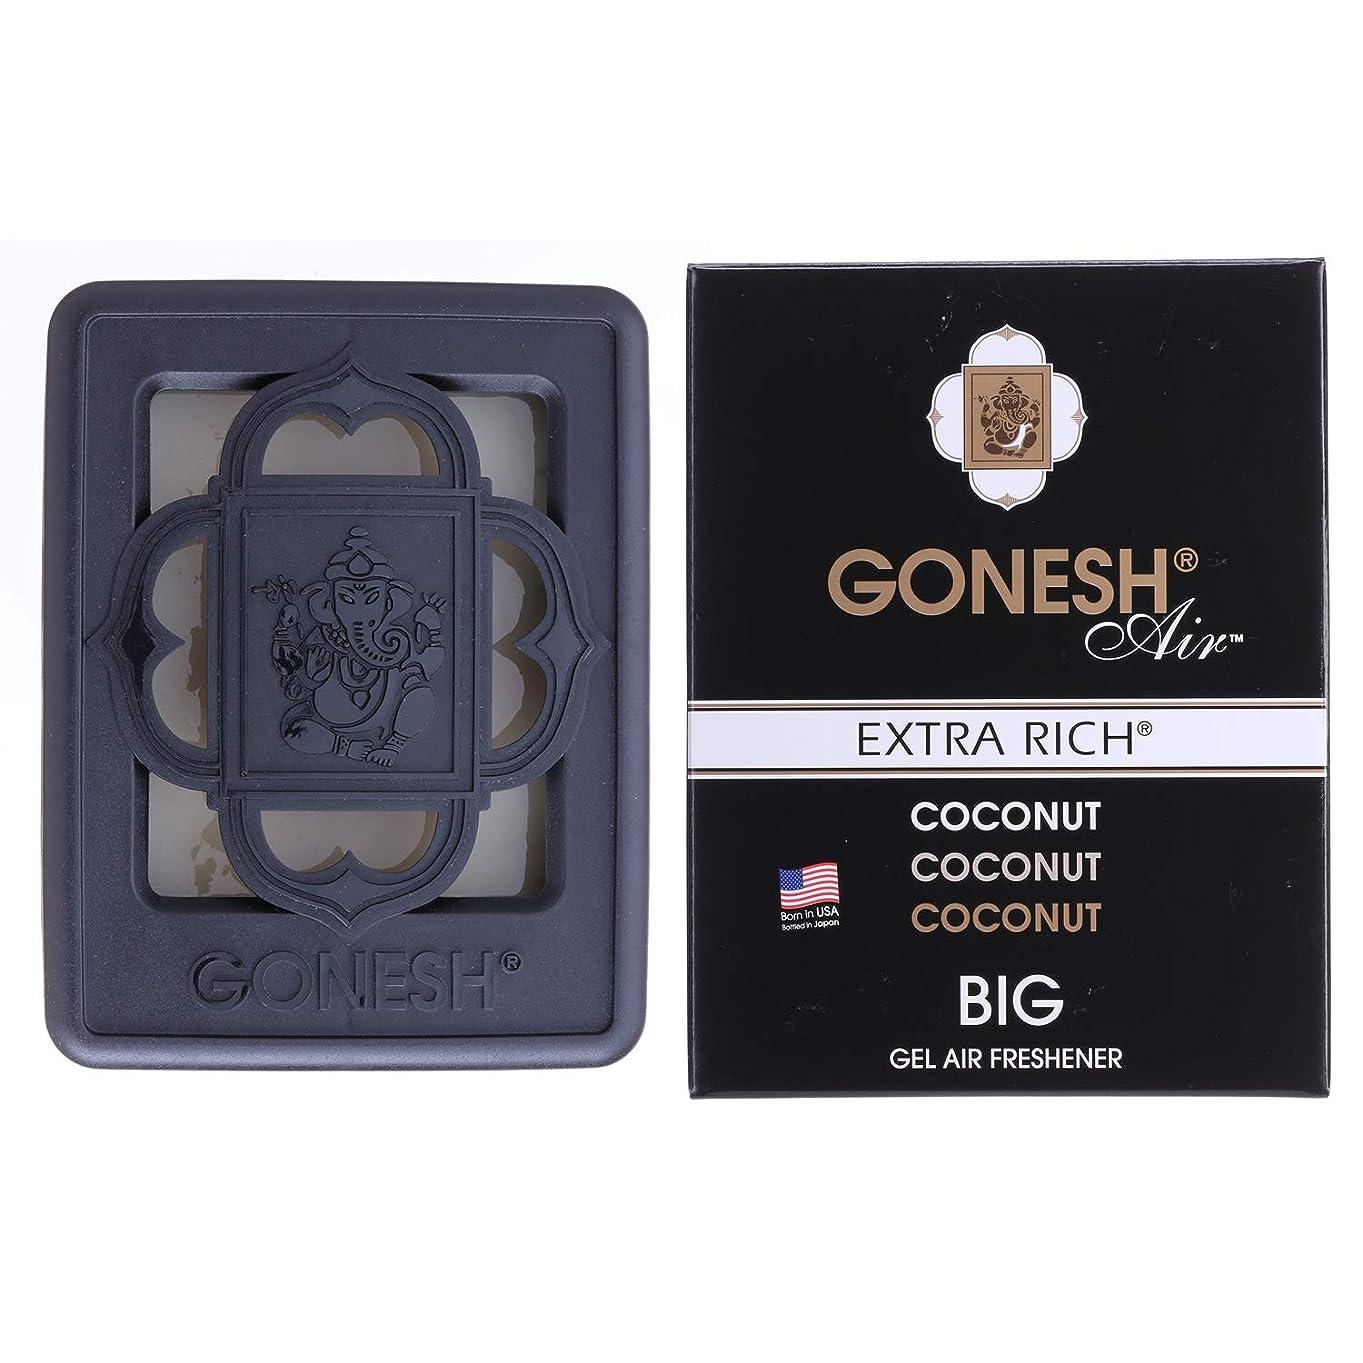 百万不快嫌いGONESH(ガーネッシュ)ビッグゲルエアフレッシュナー ココナッツ(ココナッツの香り)